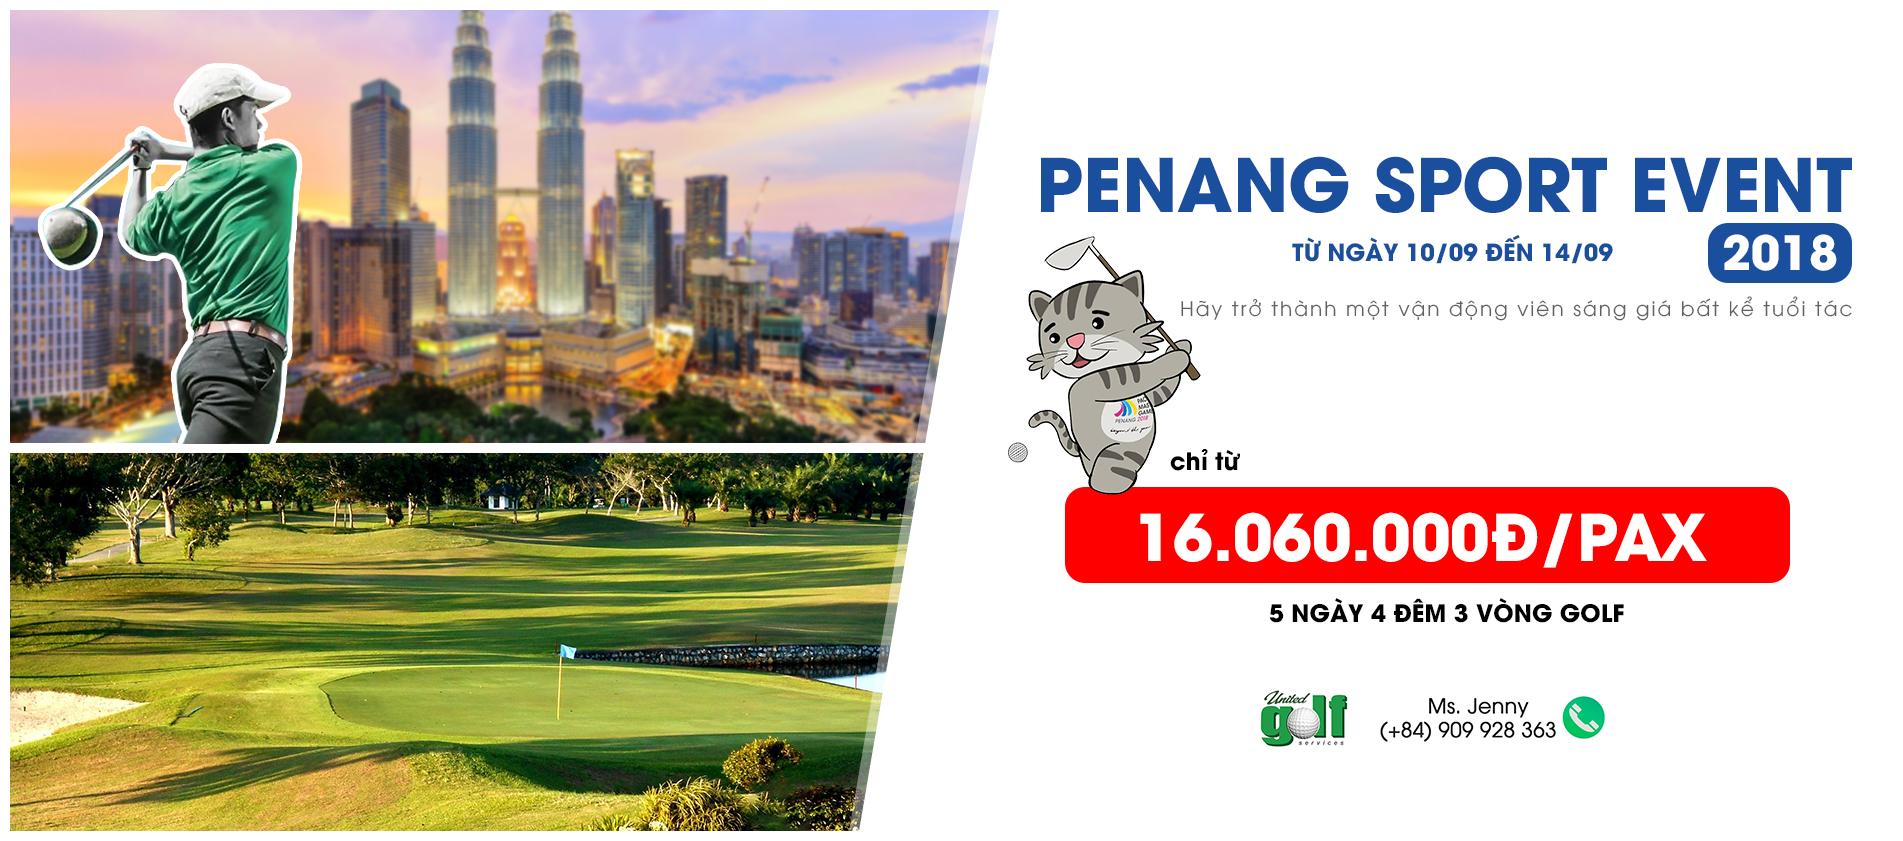 Penang Asia Pacific Masters game 2018 (5 Ngày 4 Đêm 3 Vòng Golf)